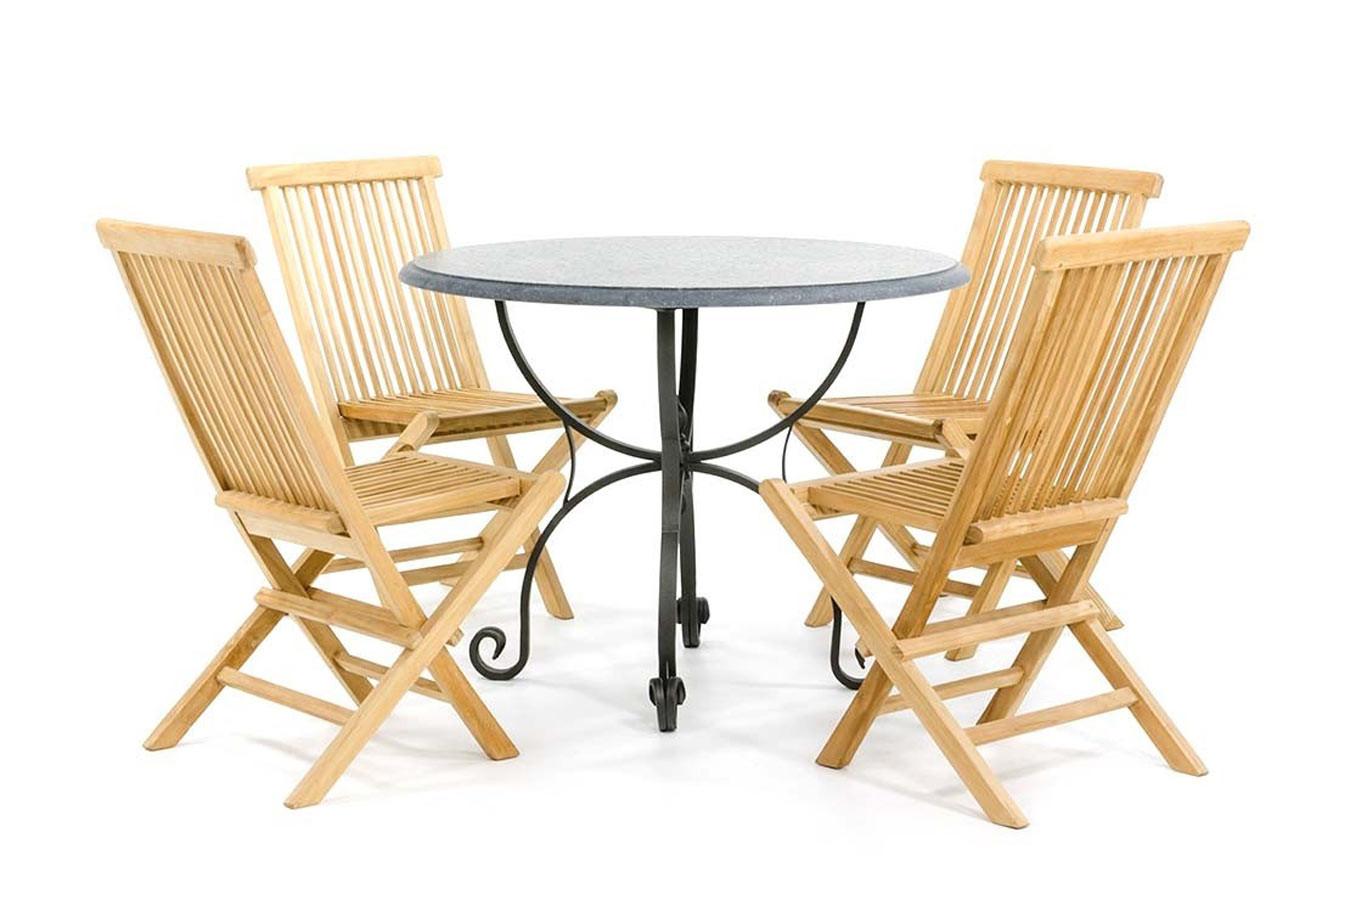 Runder Steingartentisch mit schmiedeeisernem Gestell